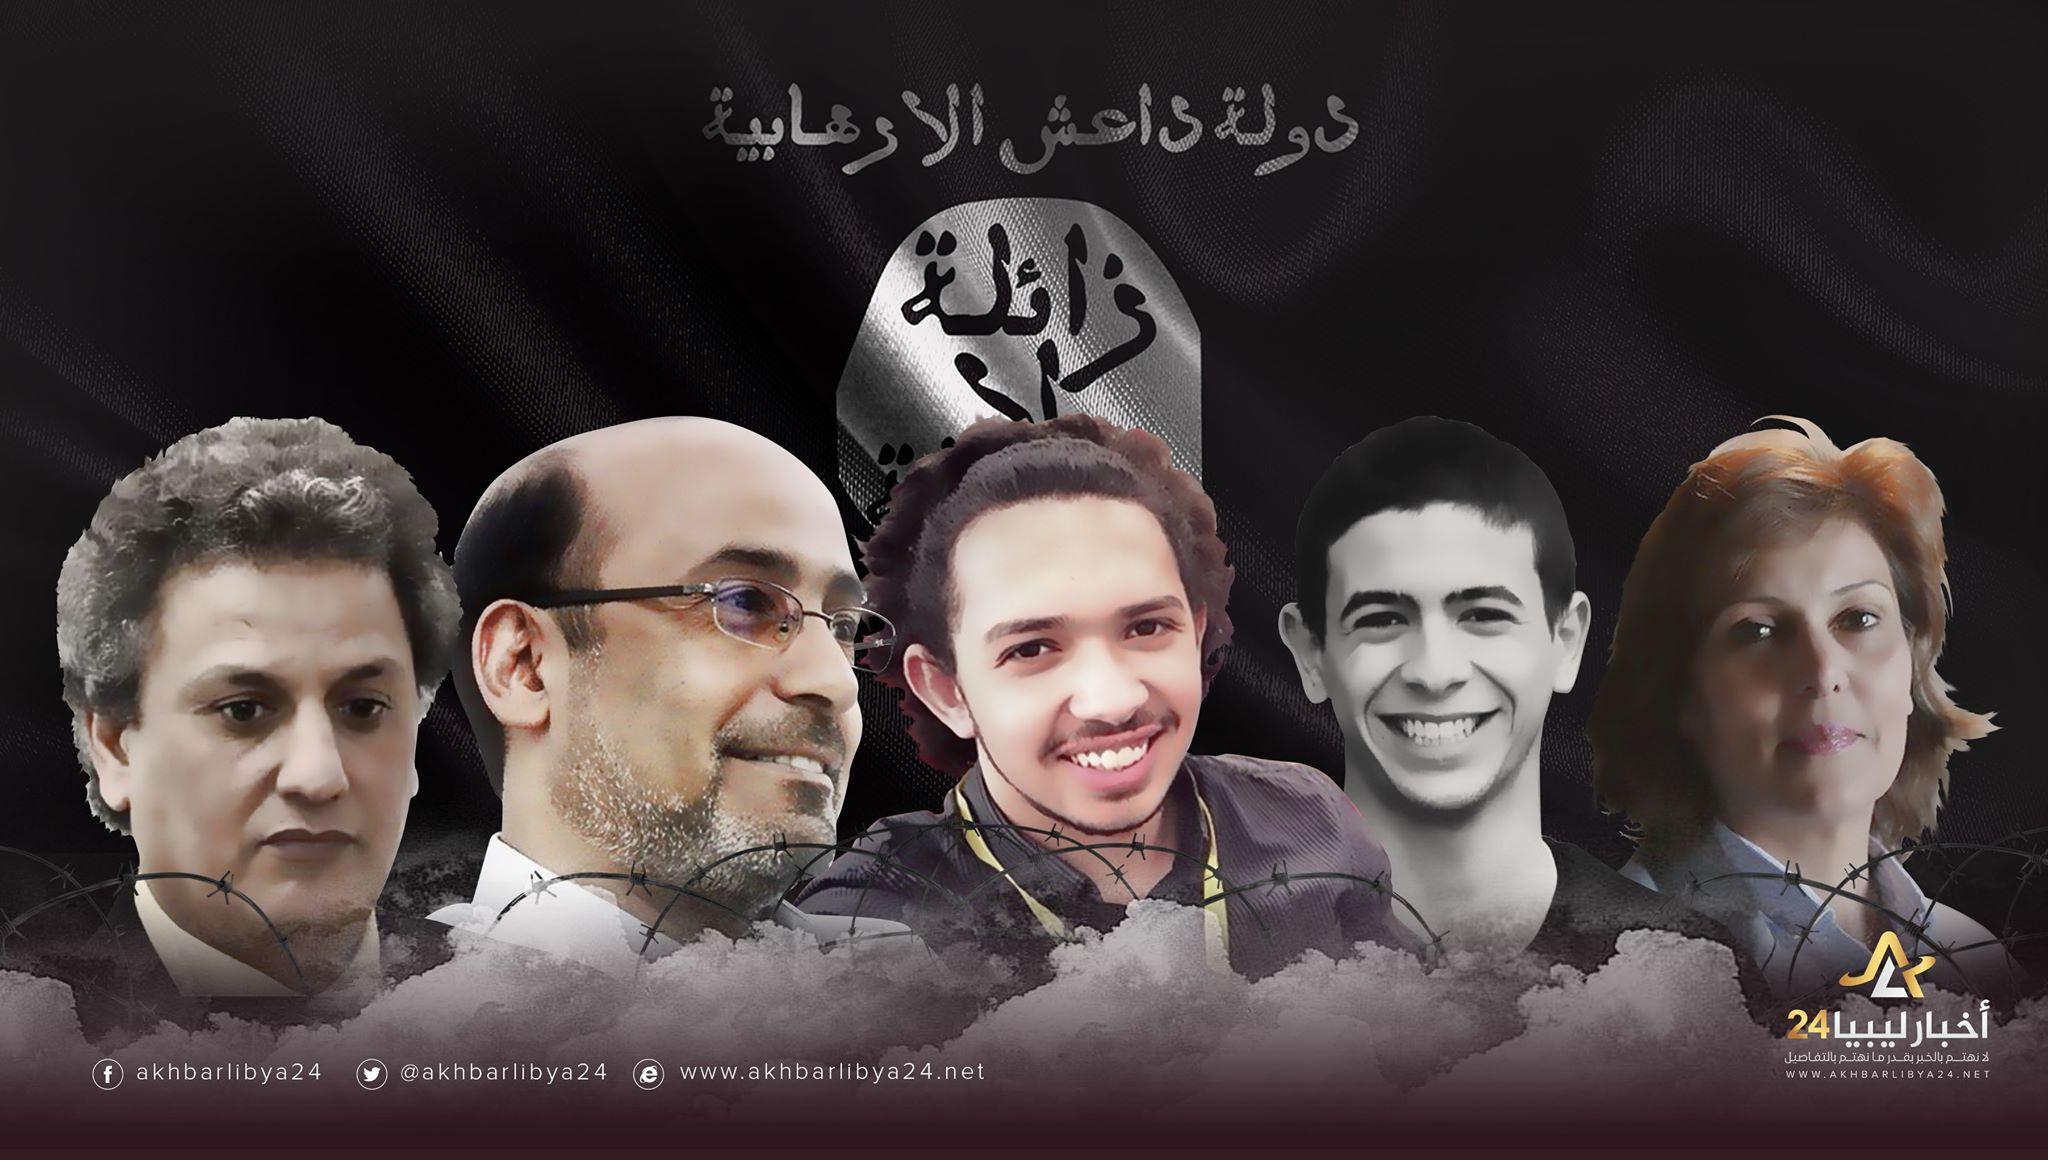 صورة نشطاء بنغازي.. رفضوا الإرهاب والتطرف فكان مصيرهم الموت